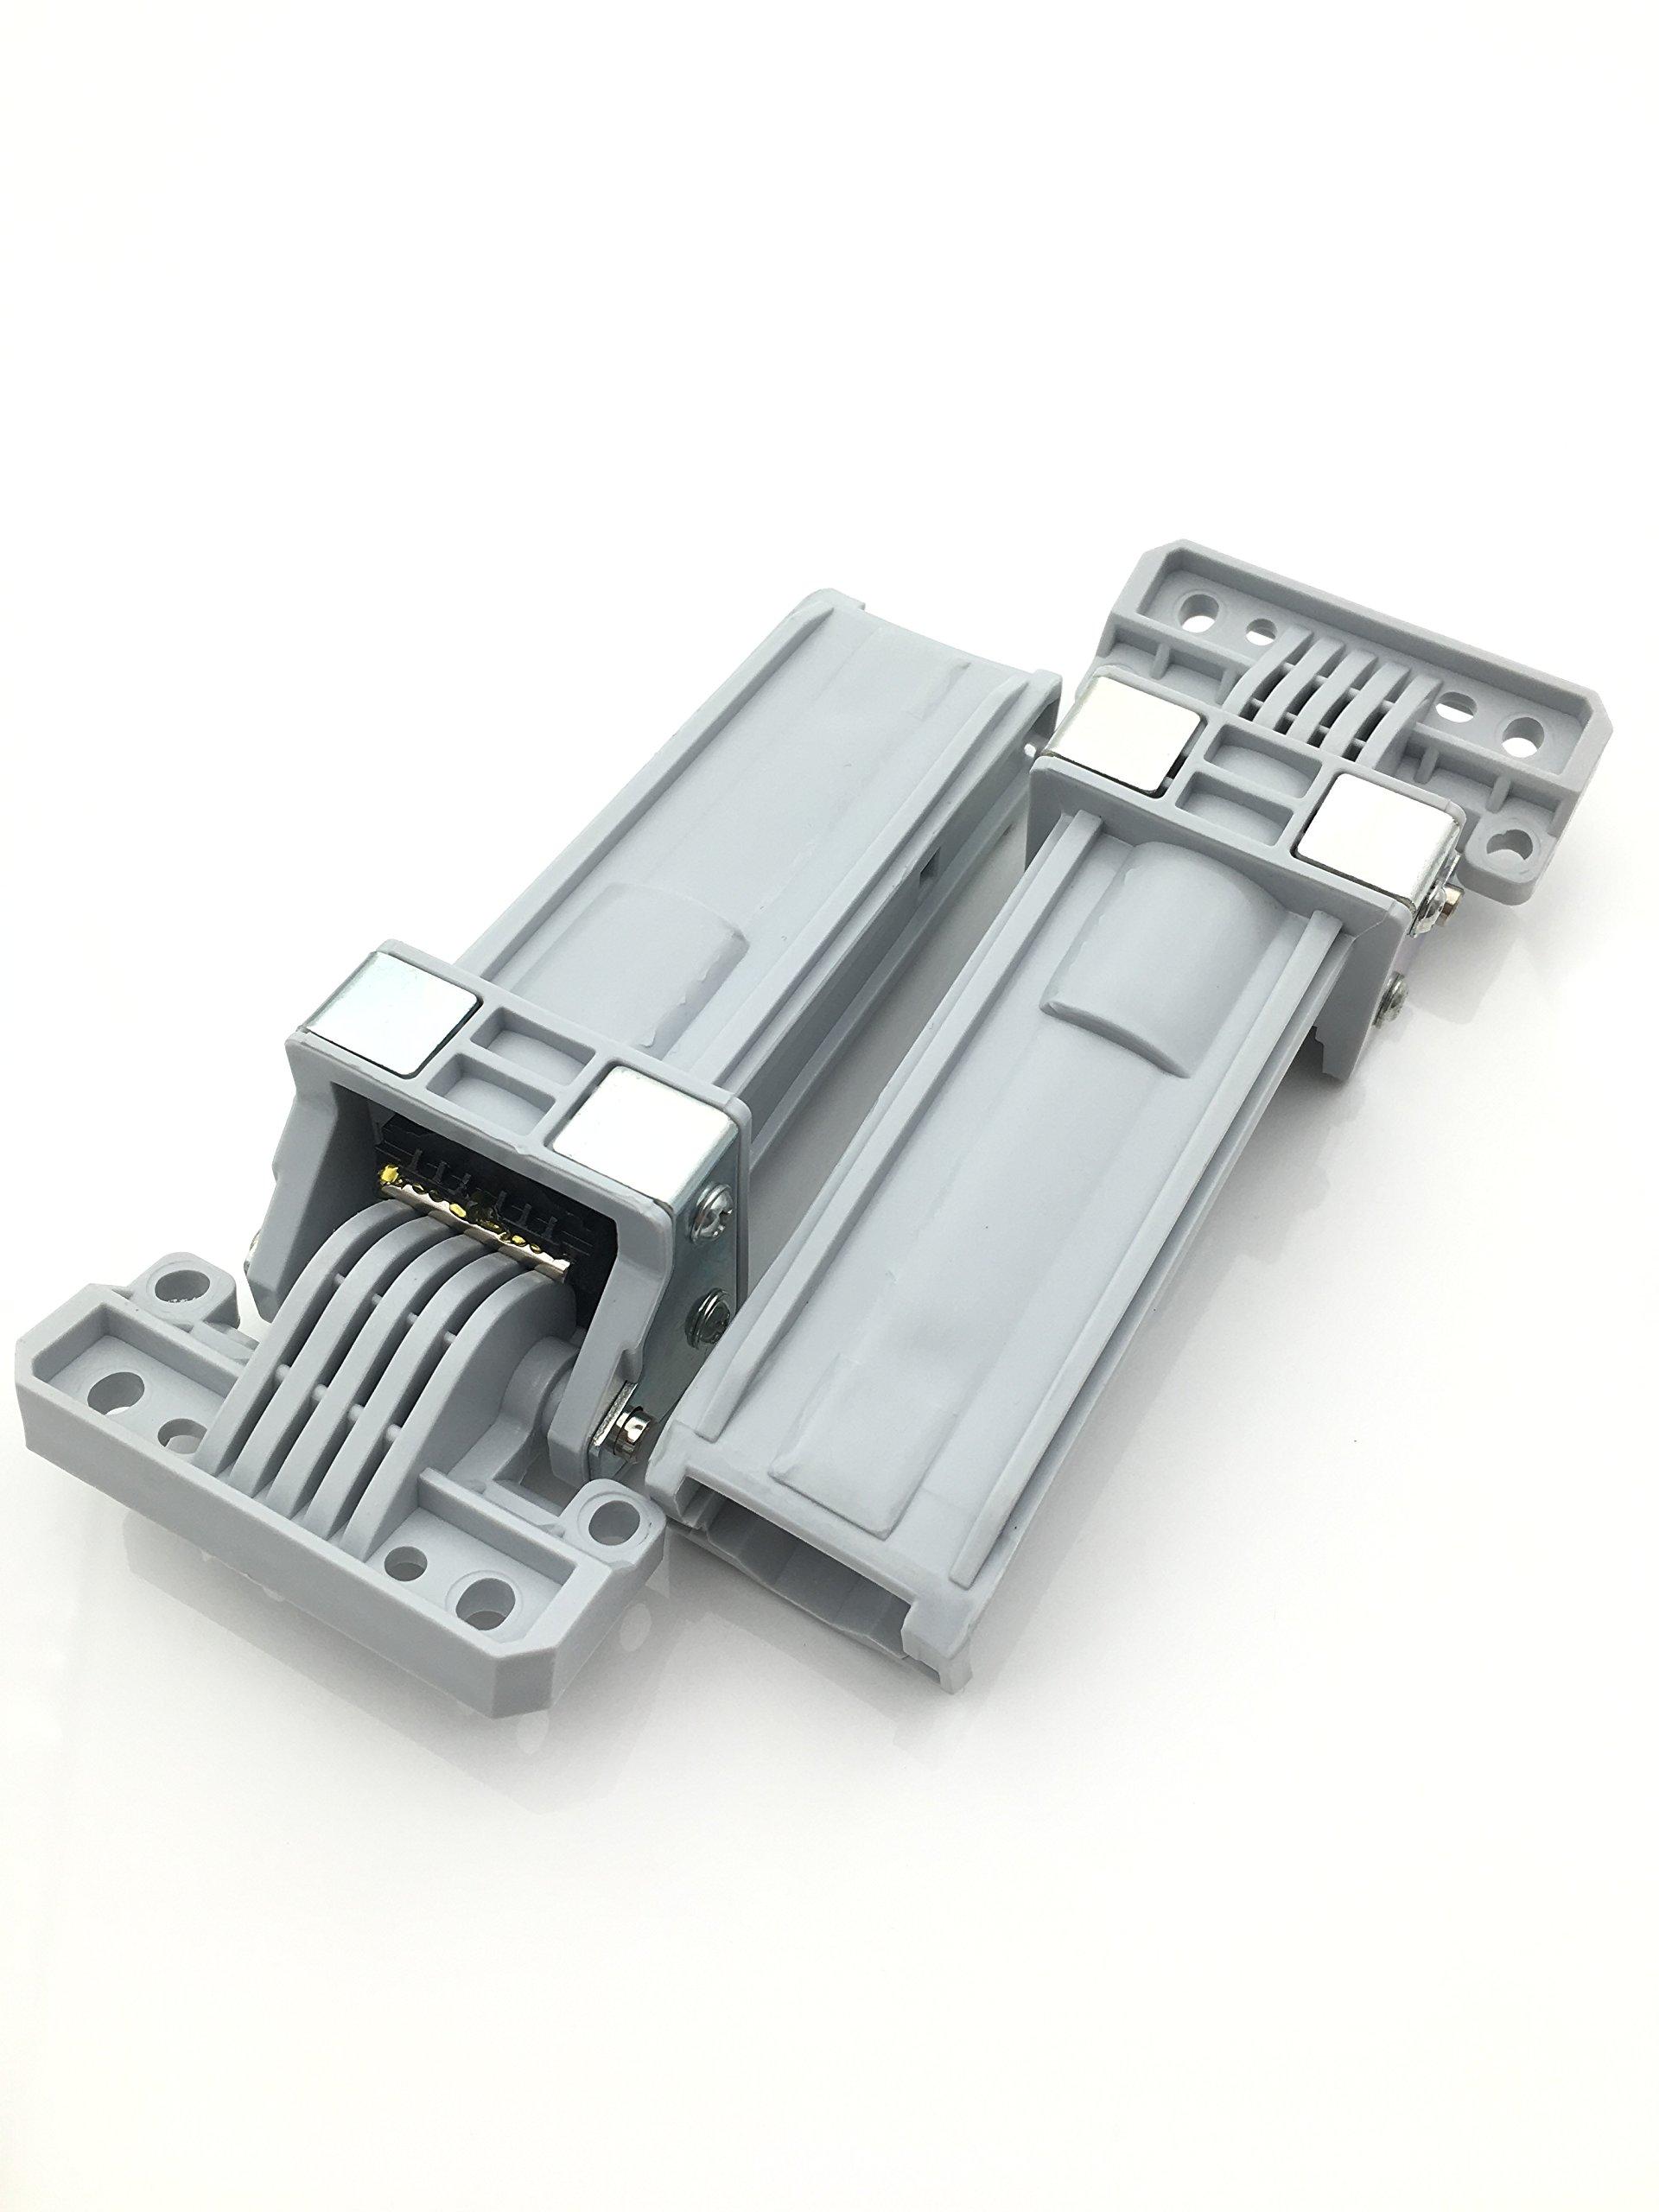 2PC X OKLILI Q7404-60029 Q7404-60024 Q7404-60025 ADF Hinge Assy ASM Assy-Hinge-HR for HP 500 MFP M525 M575 M521 M775 CM4540 by OKLILI (Image #2)